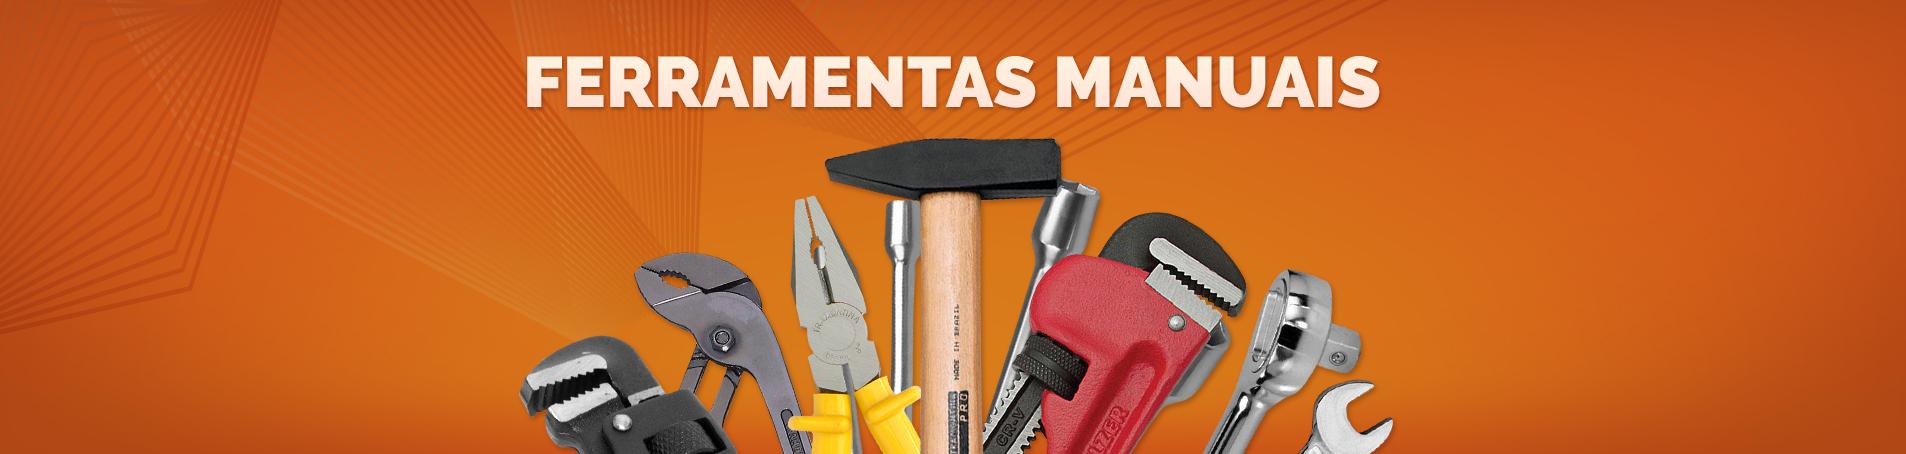 Daaz_banner-site_ferramentas-manuais (1)